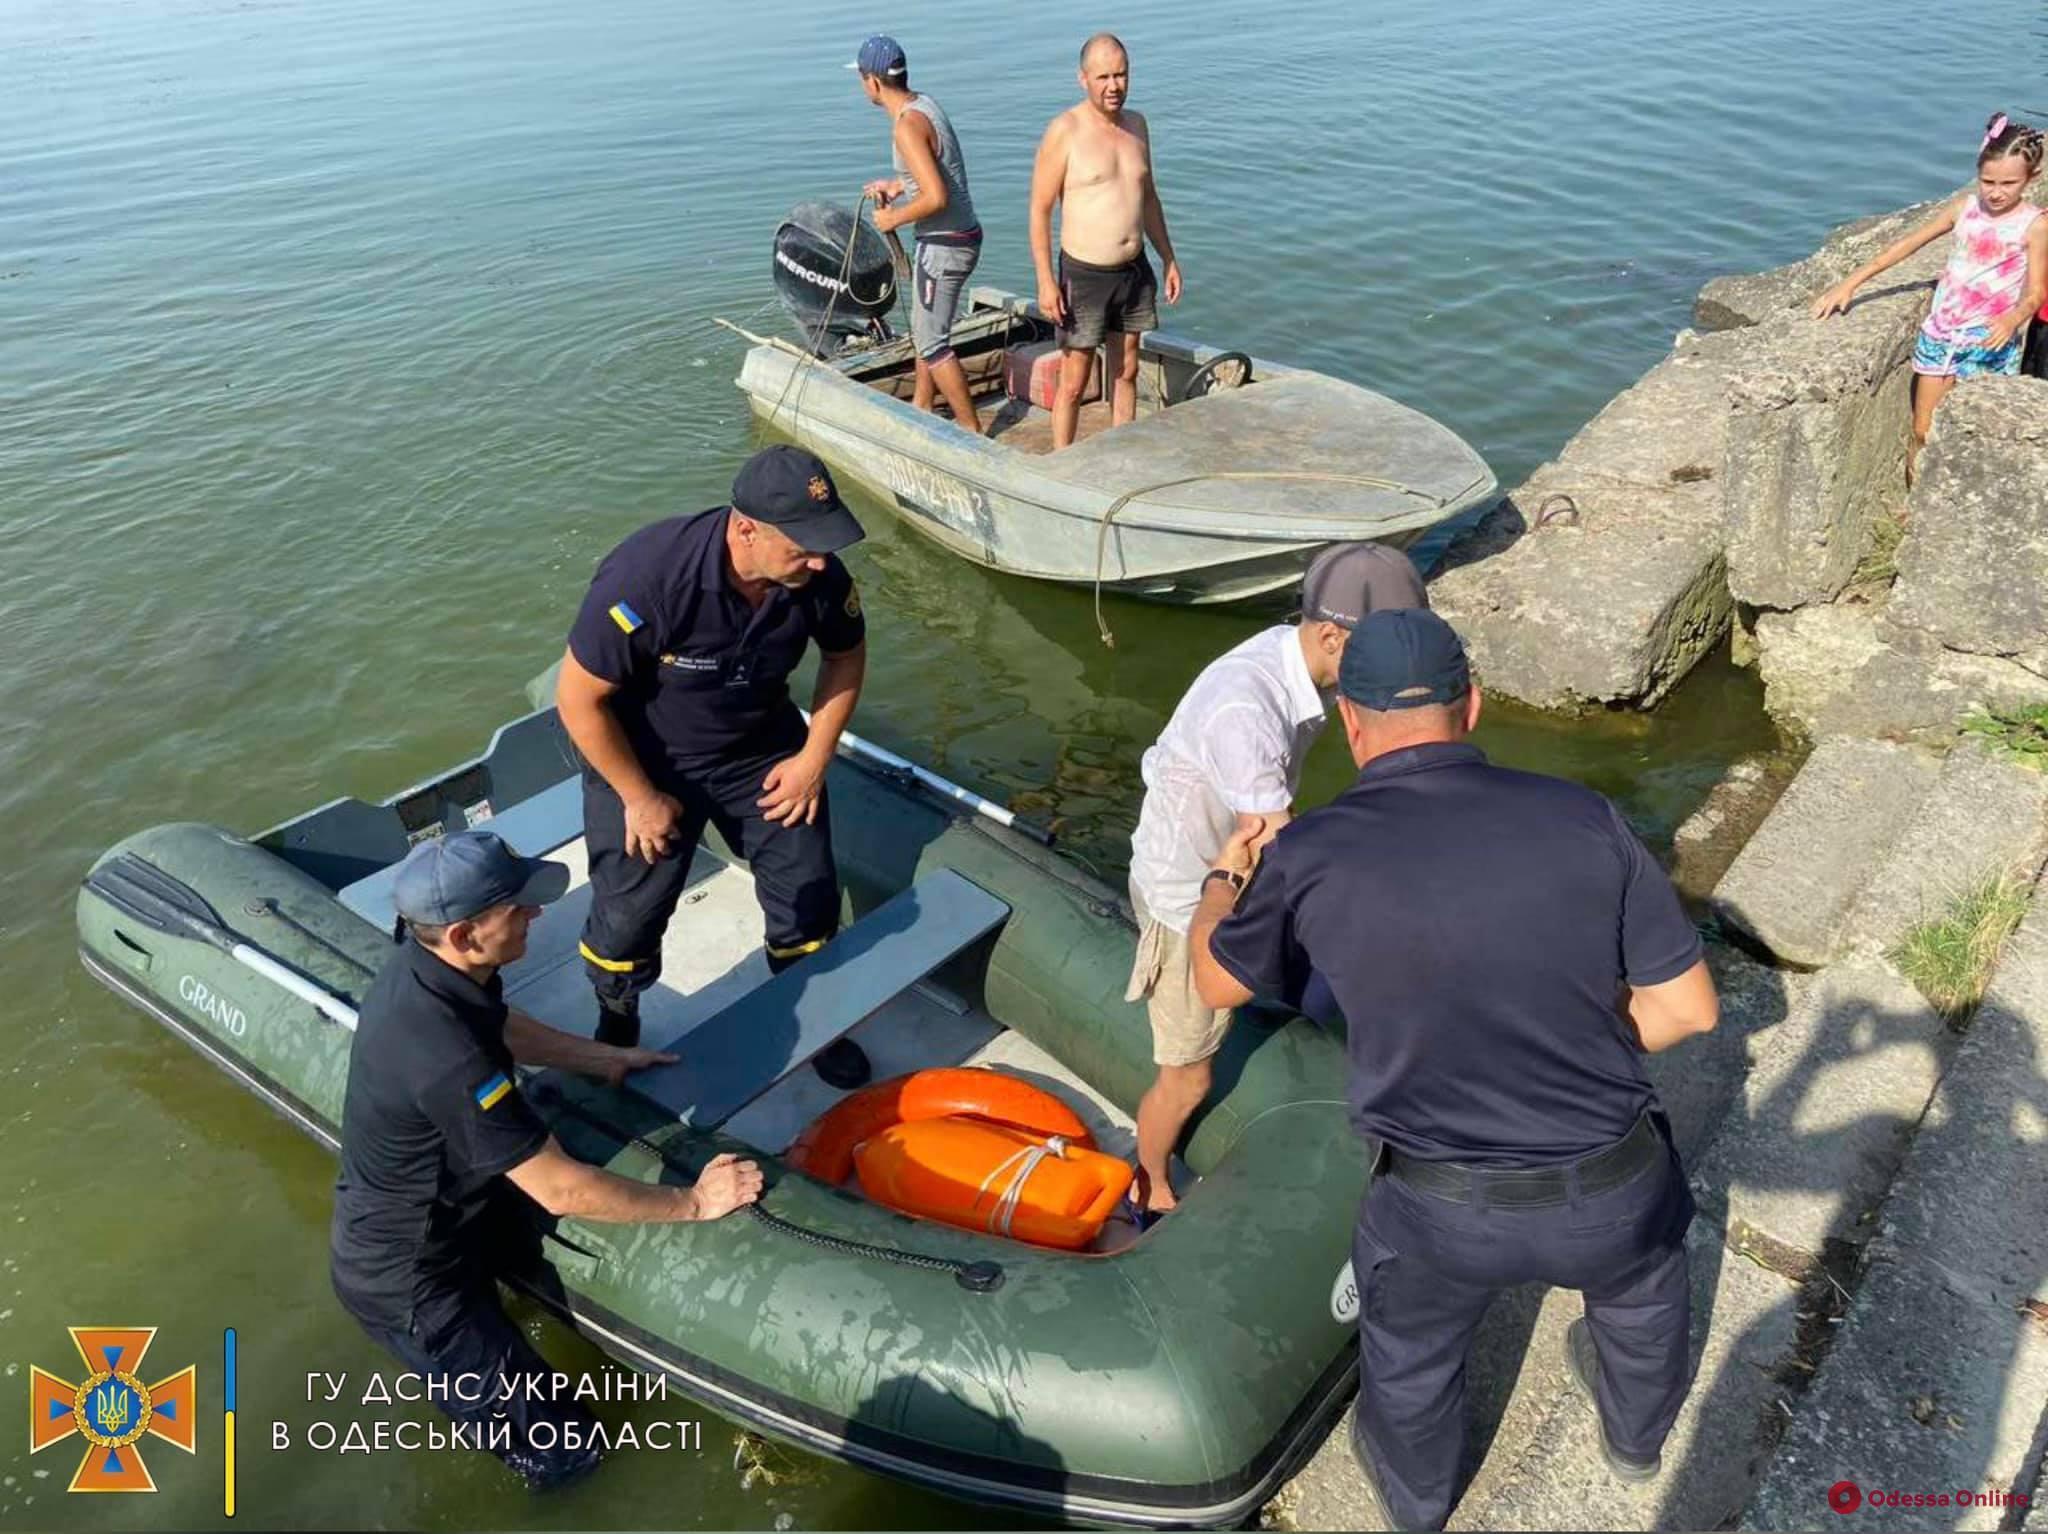 На Днестровском лимане спасли подростка, которого на надувном матрасе отнесло на километр от берега (фото, видео, обновлено)